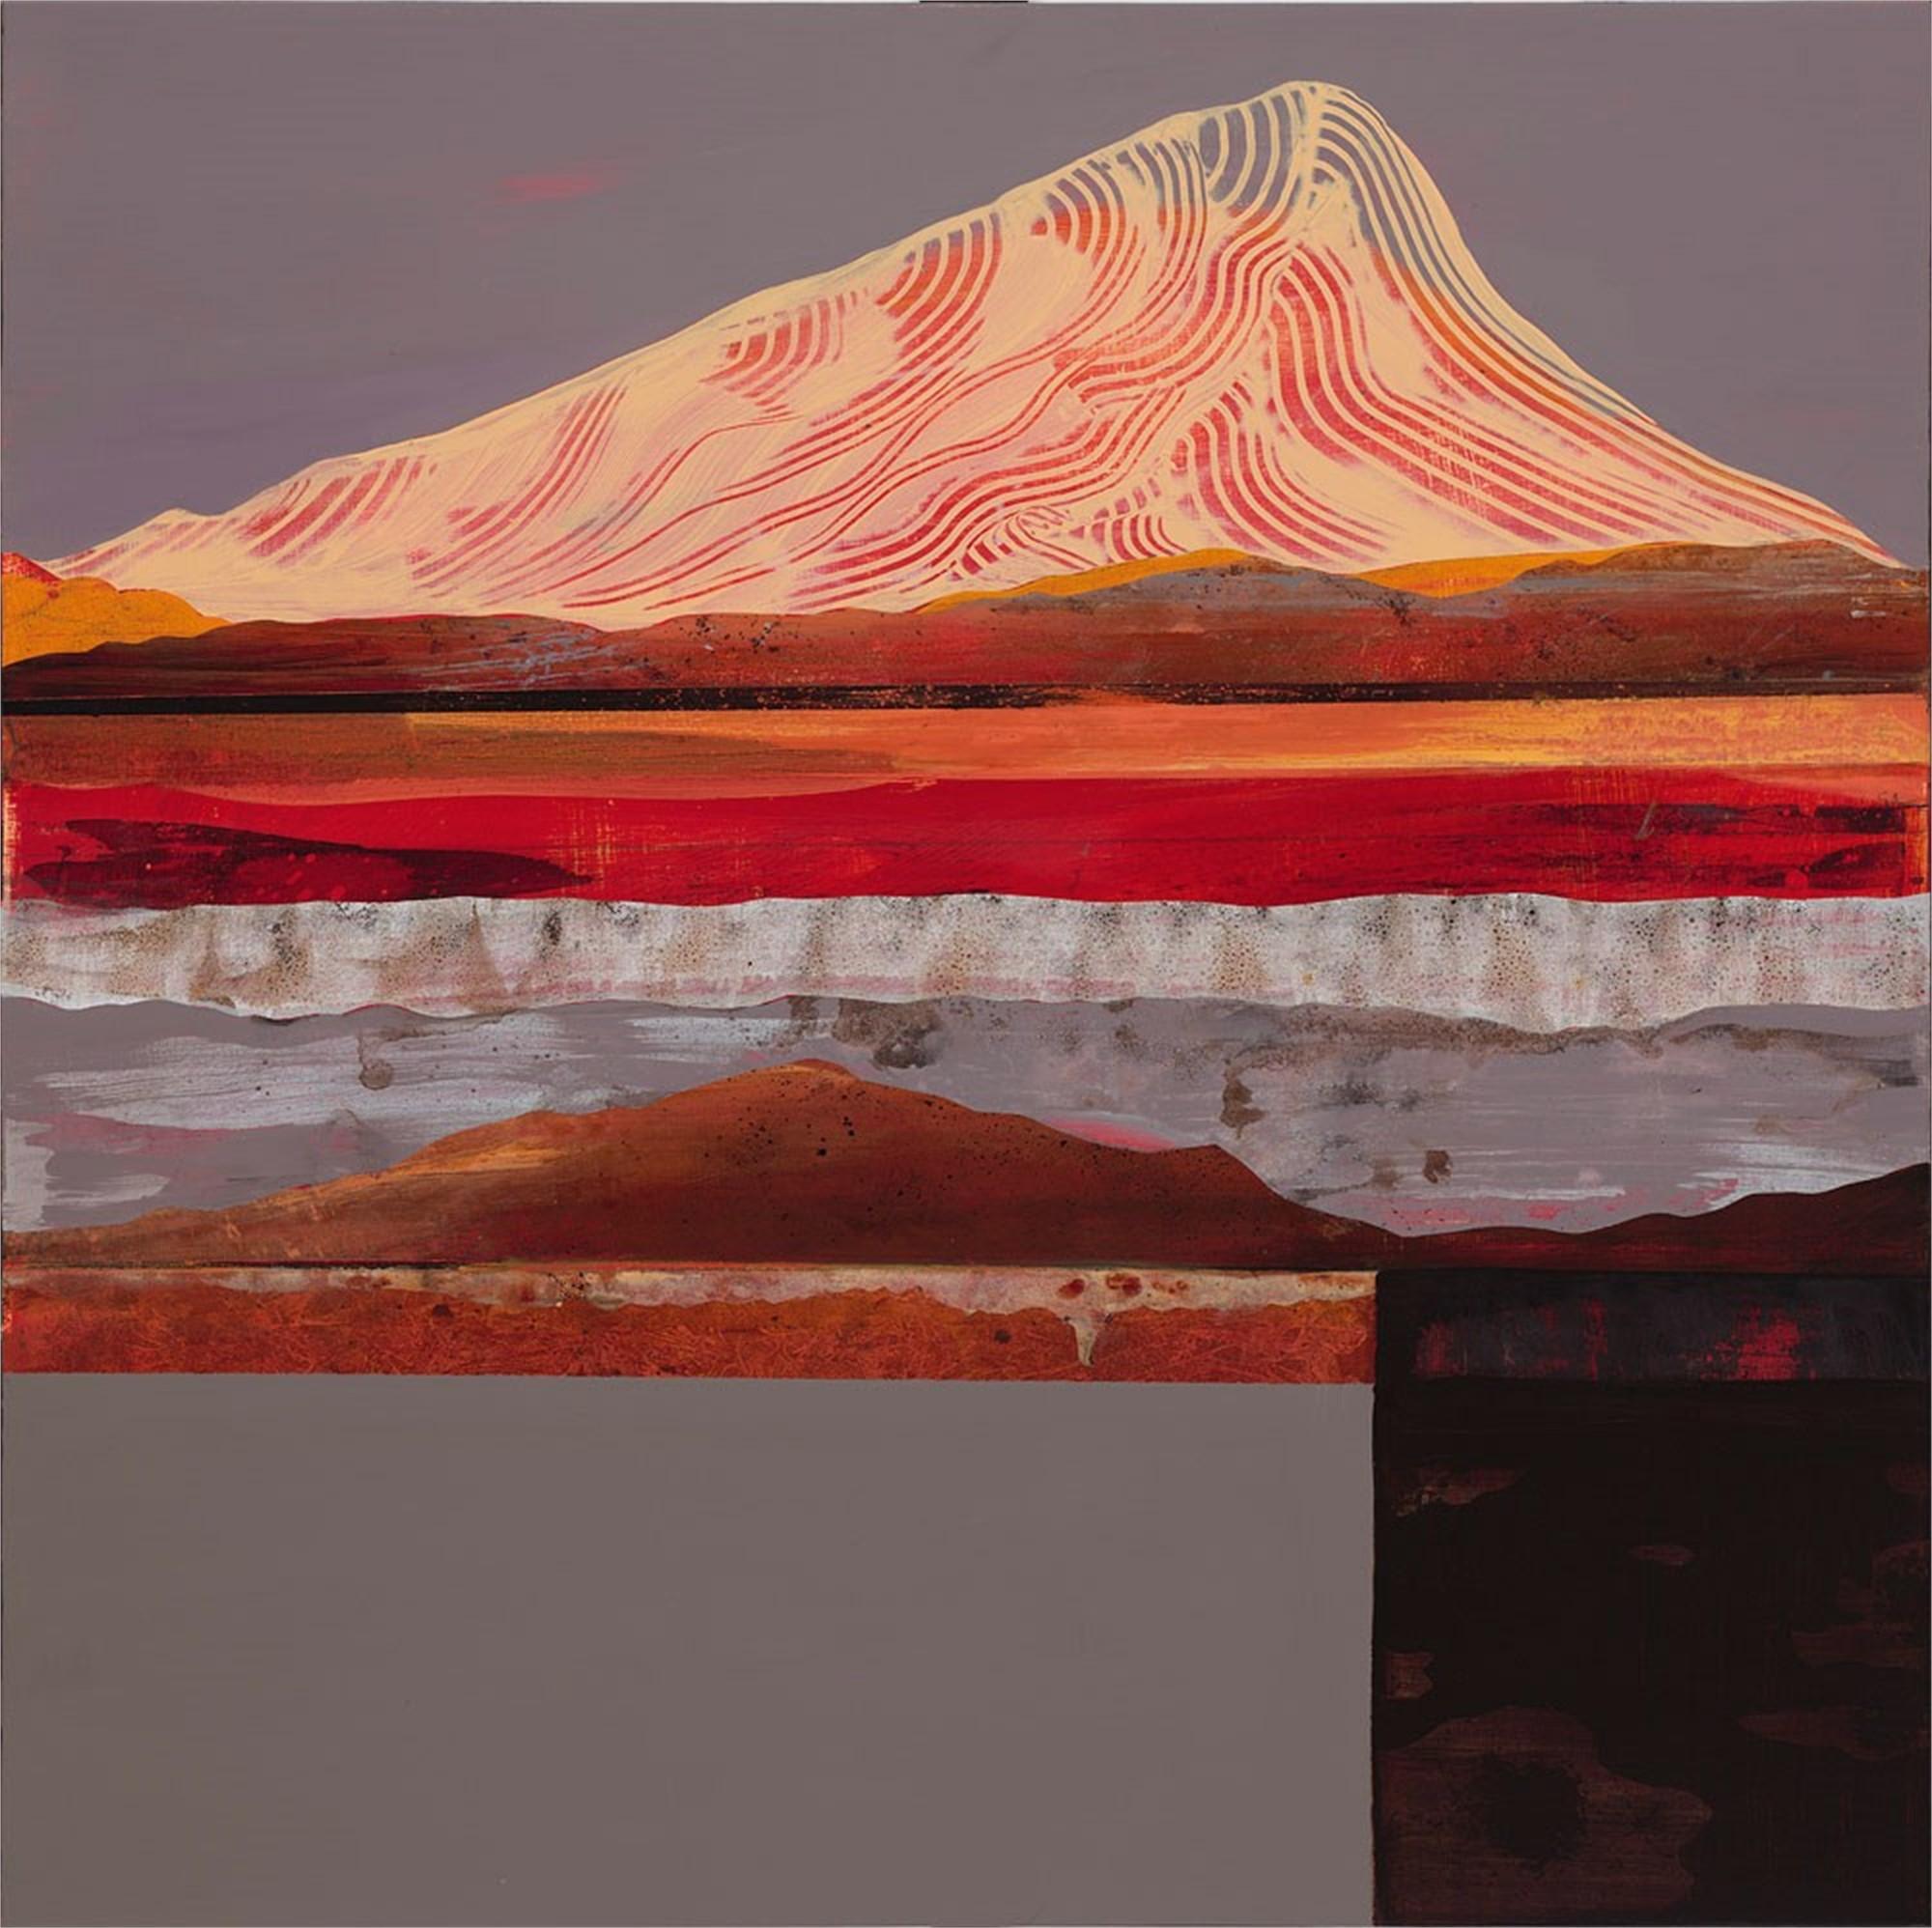 Sedimentary Slice by Sarah Winkler